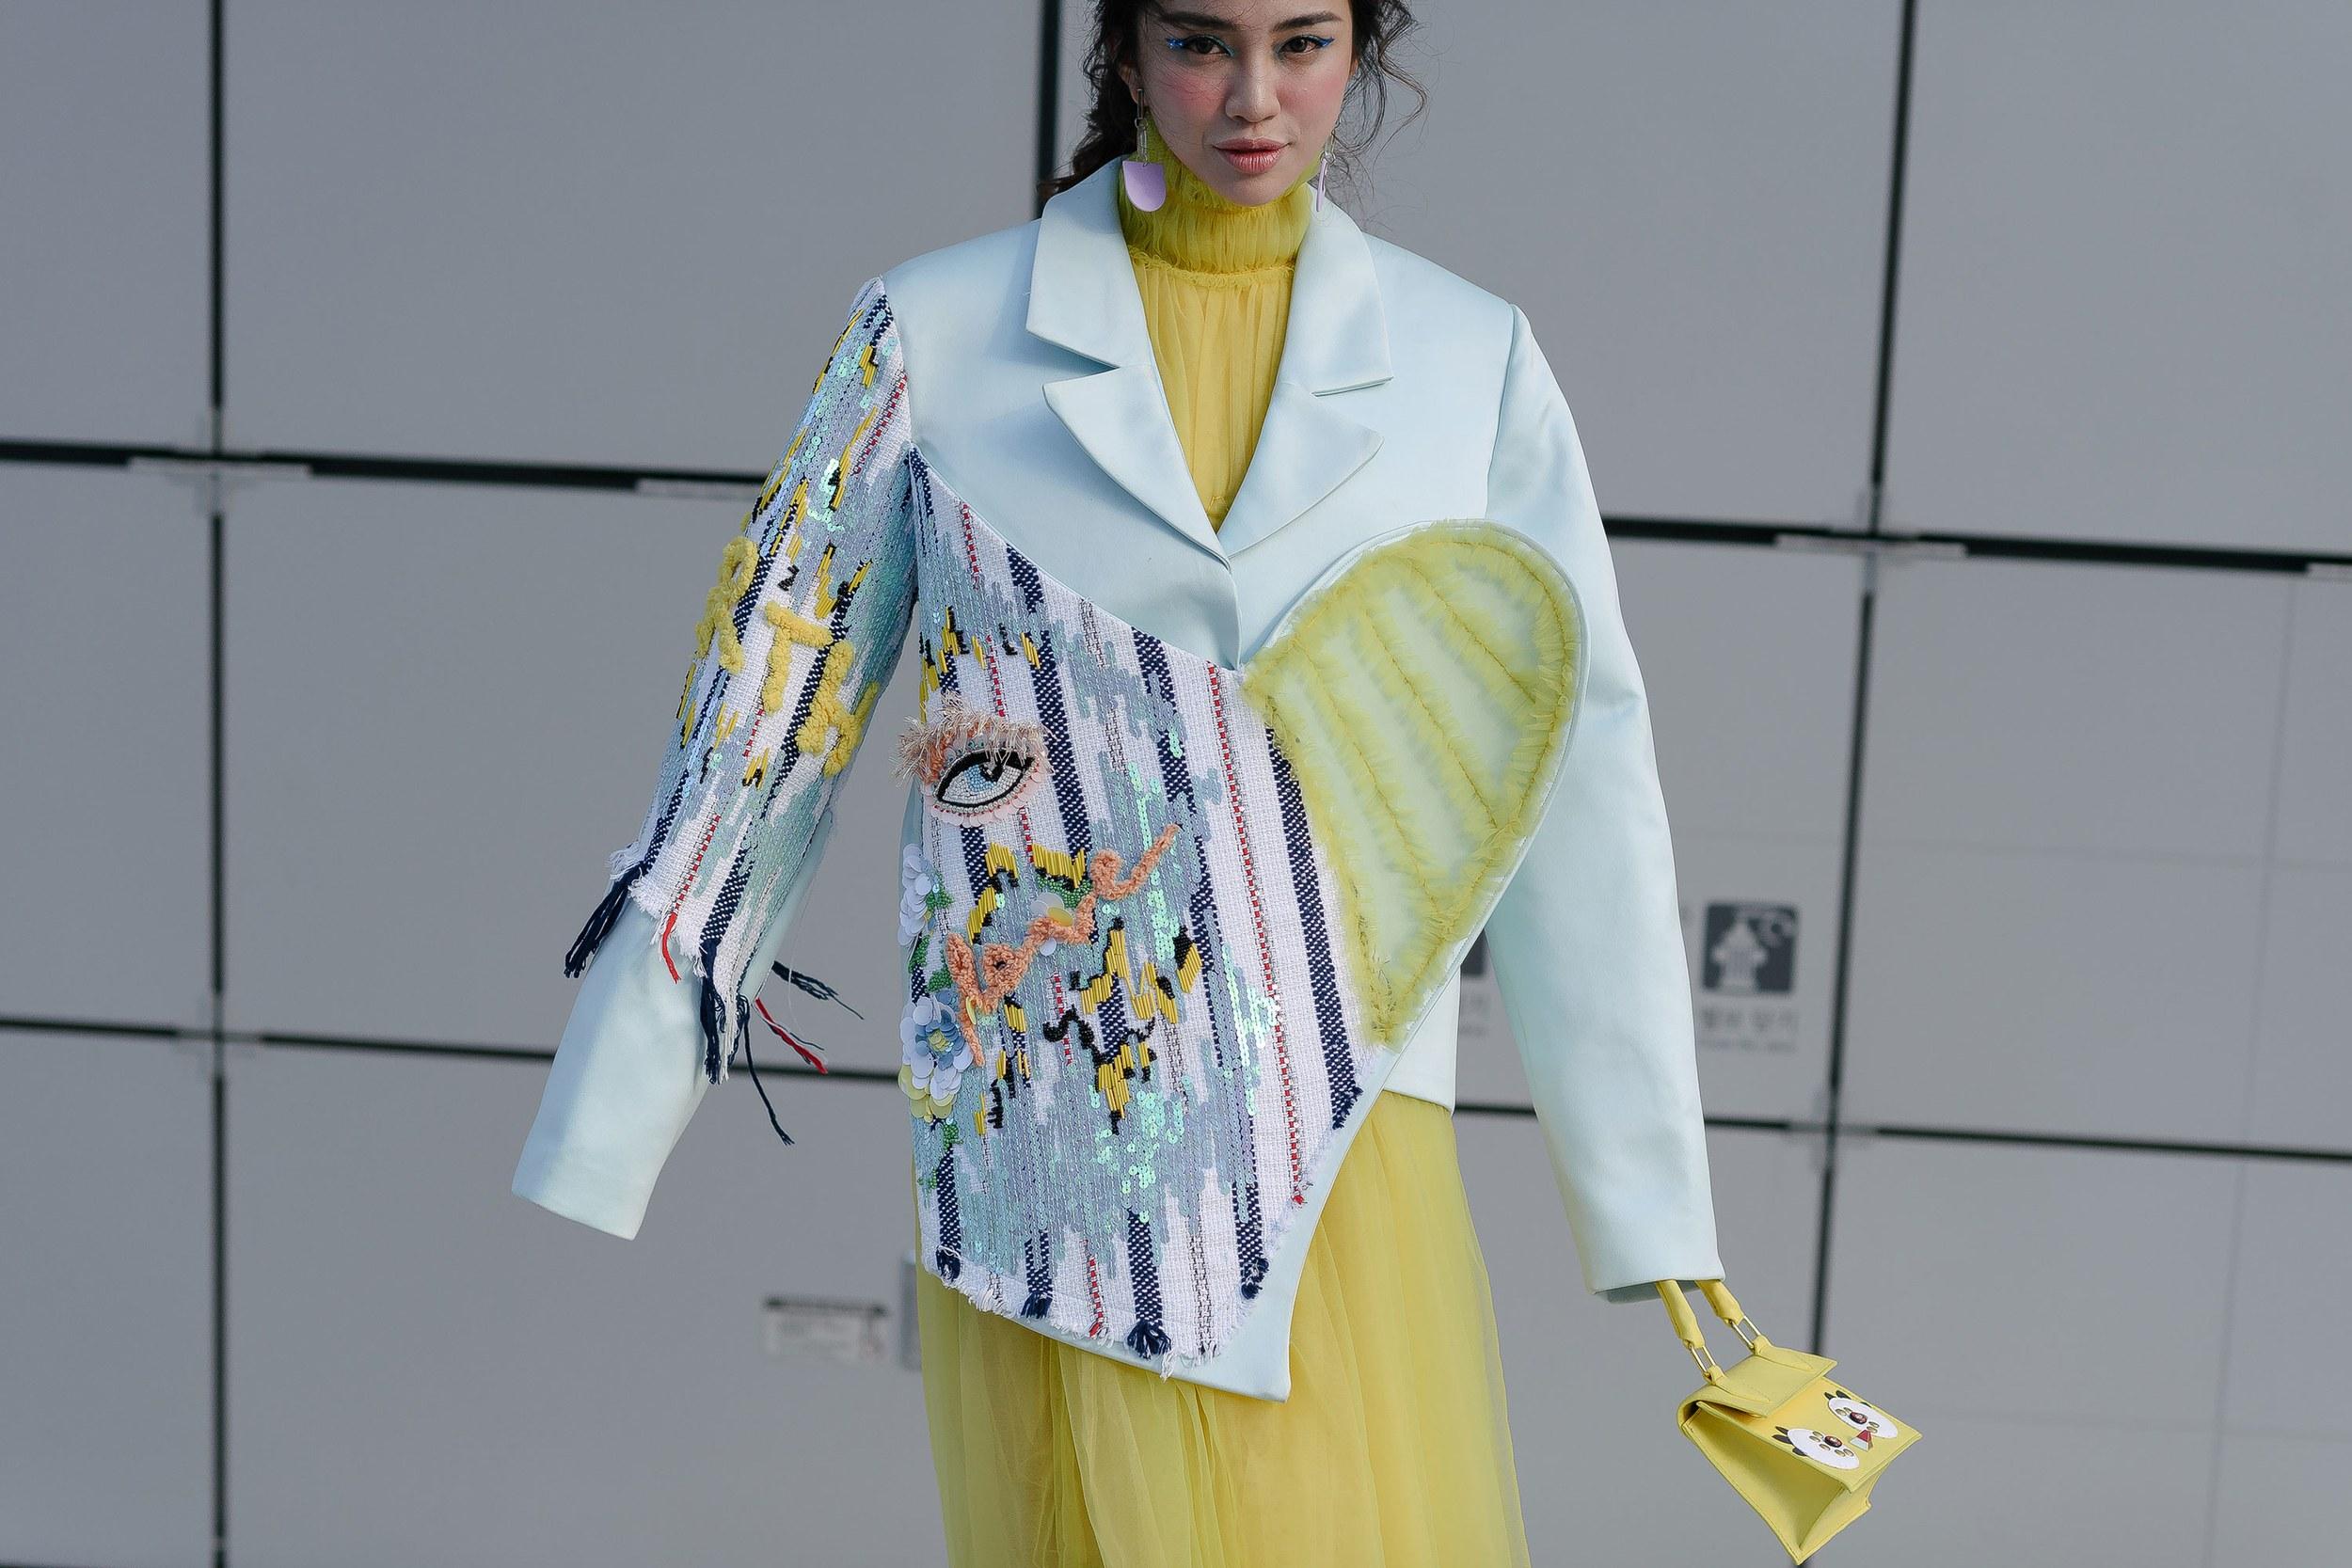 Thiên Nga được vinh danh trên Vogue với trang phục ấn tượng. Ảnh: Alex Finch